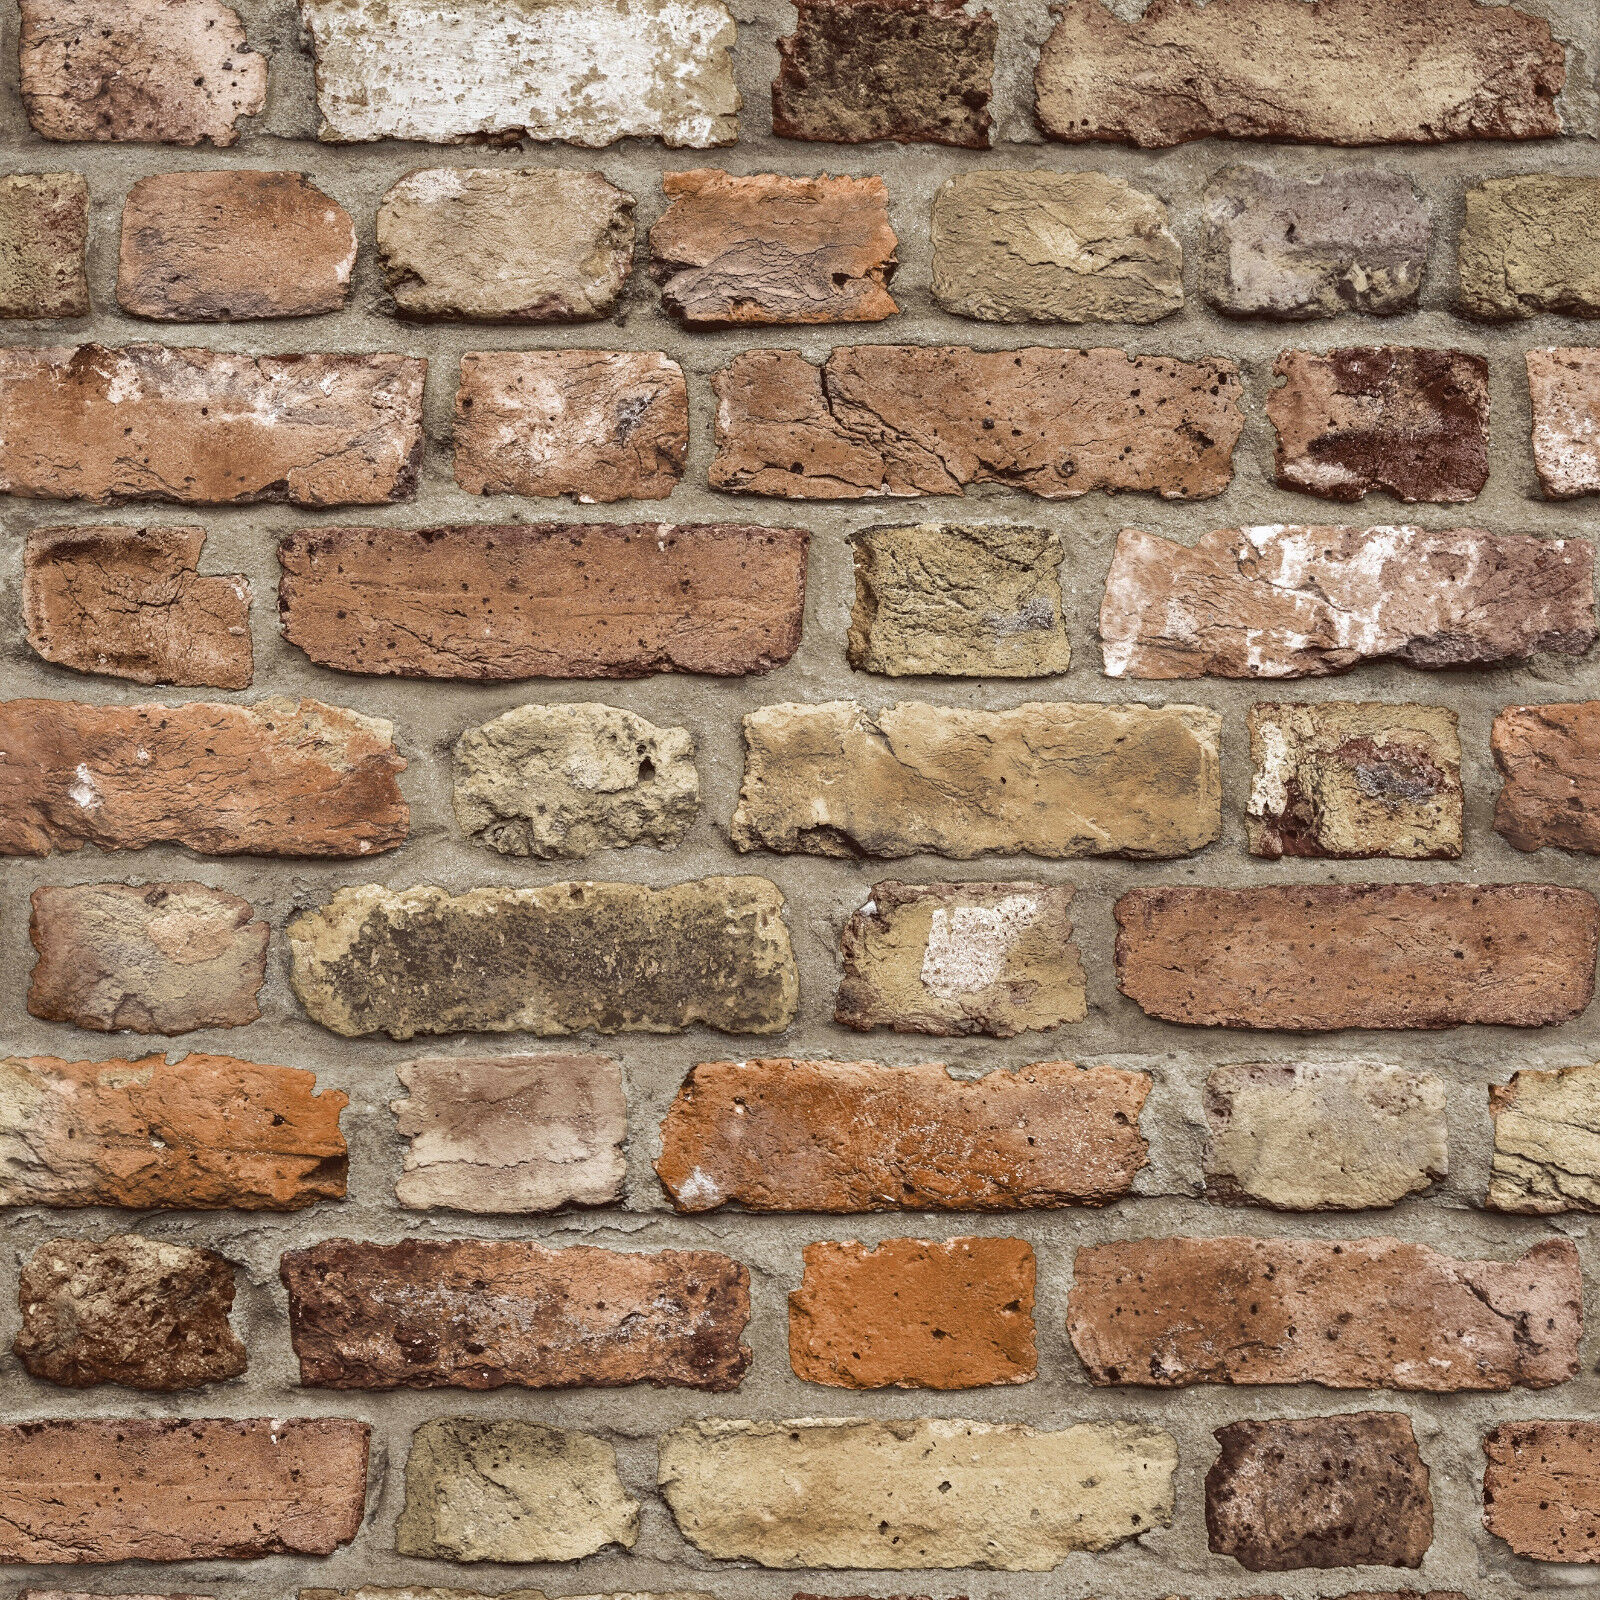 vlies tapete bruchstein mauer klinker ziegelstein terra beige braun fc2502 brick ebay. Black Bedroom Furniture Sets. Home Design Ideas